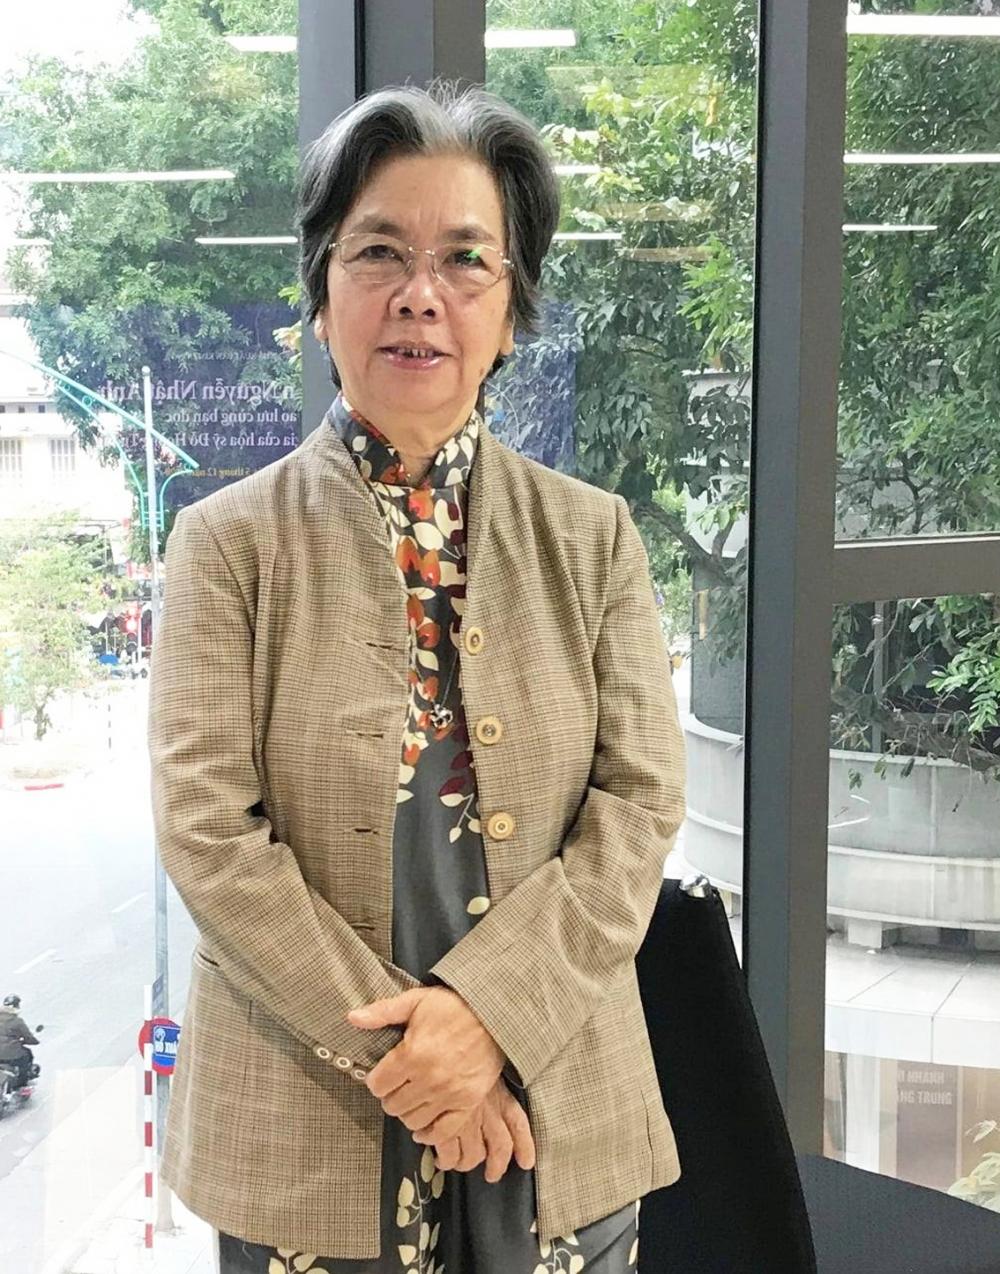 Tác phẩm Nữ sĩ thời gió bụi của nhà văn Lê Phương Liên tái hiện lại chân dung nữ sĩ Đoàn Thị Điểm - một trong những nhân vật quan trọng trong lịch sử văn học trung đại Việt Nam